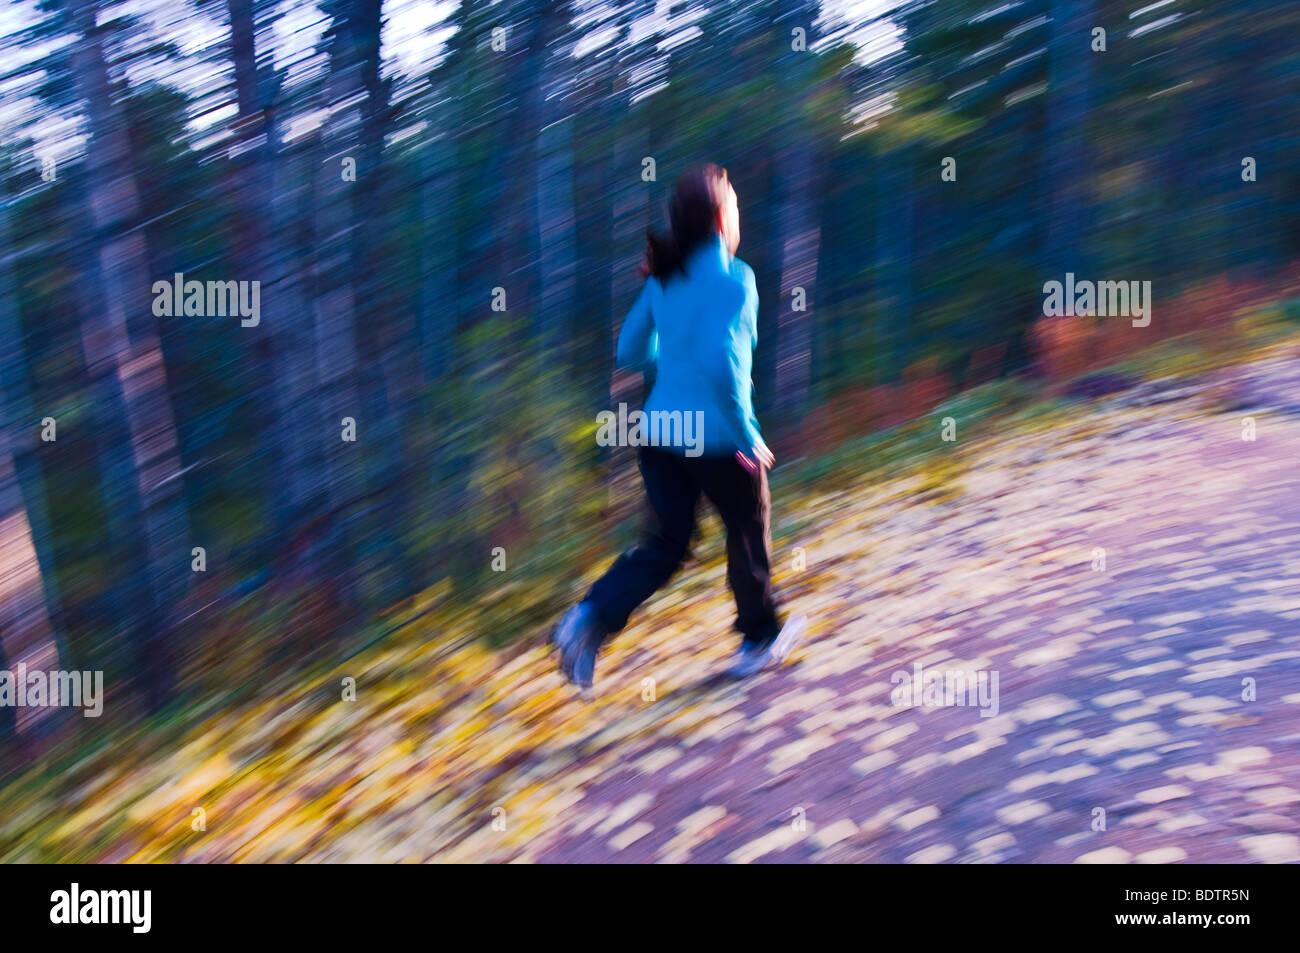 frau joggt durch eine wiese, wischeffekt, gaellivare, lappland, schweden, woman is jogging, lapland, sweden - Stock Image